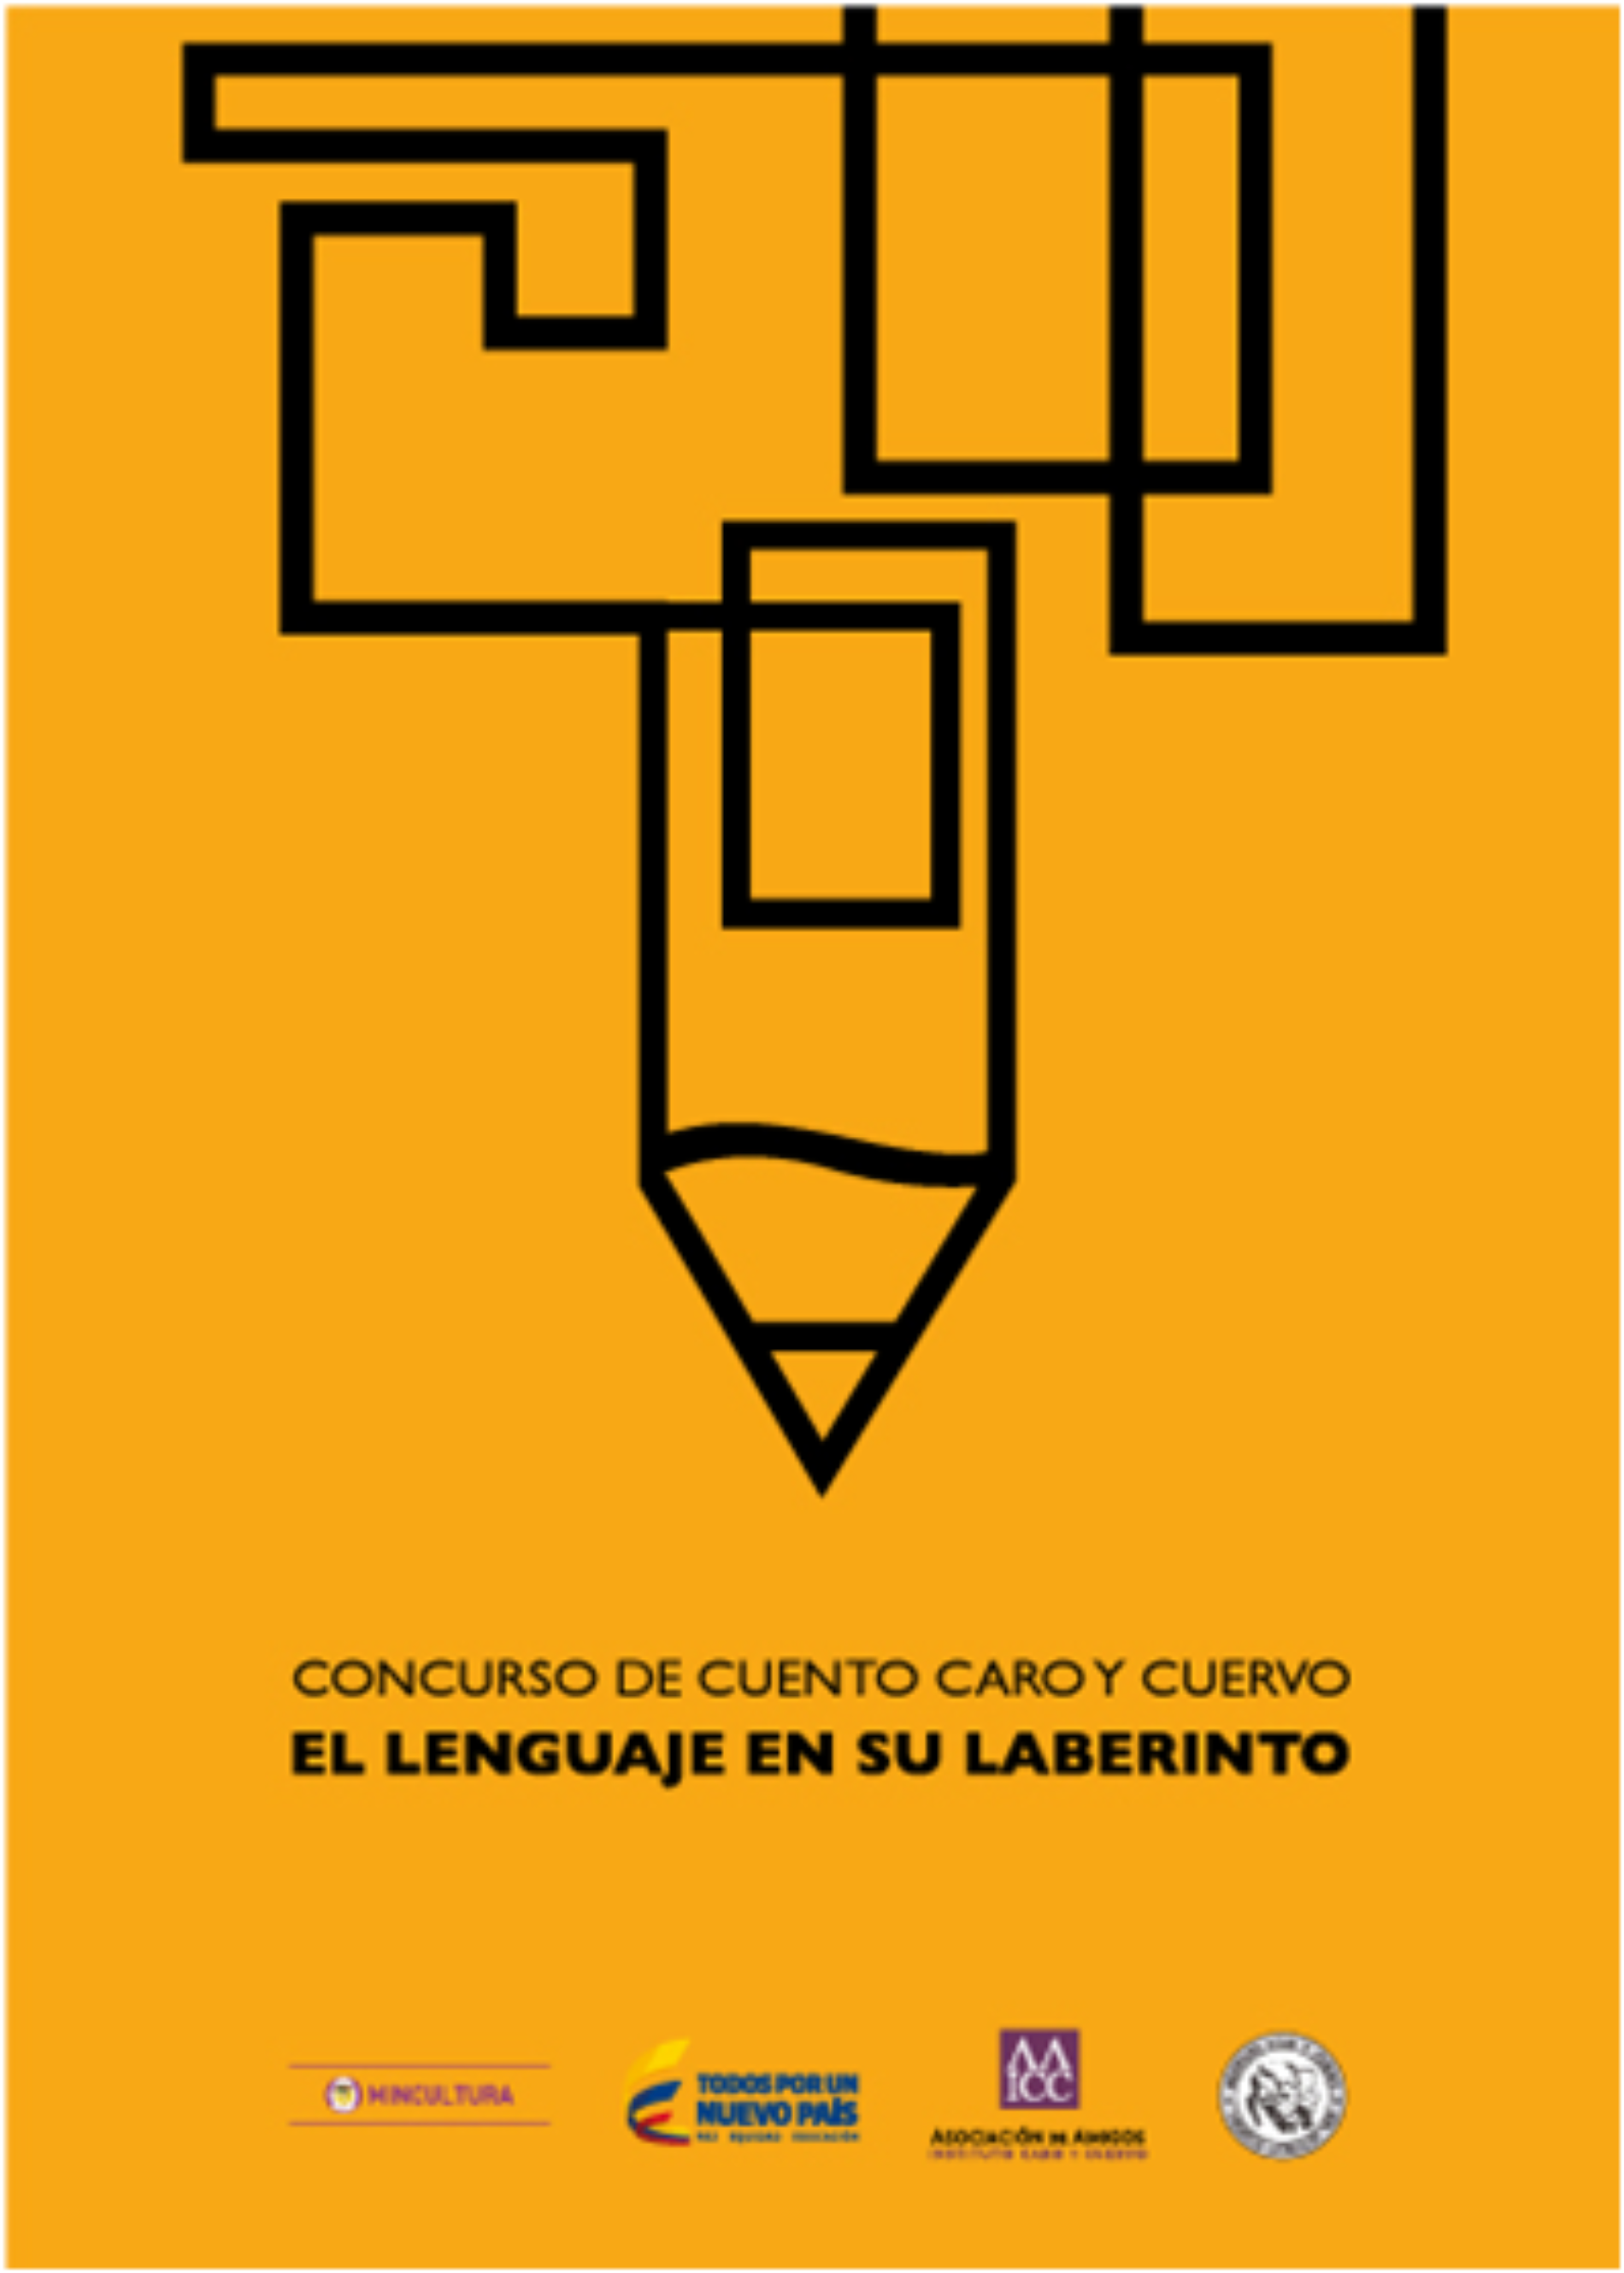 PRIMER CONCURSO DE CUENTO CARO Y CUERVO